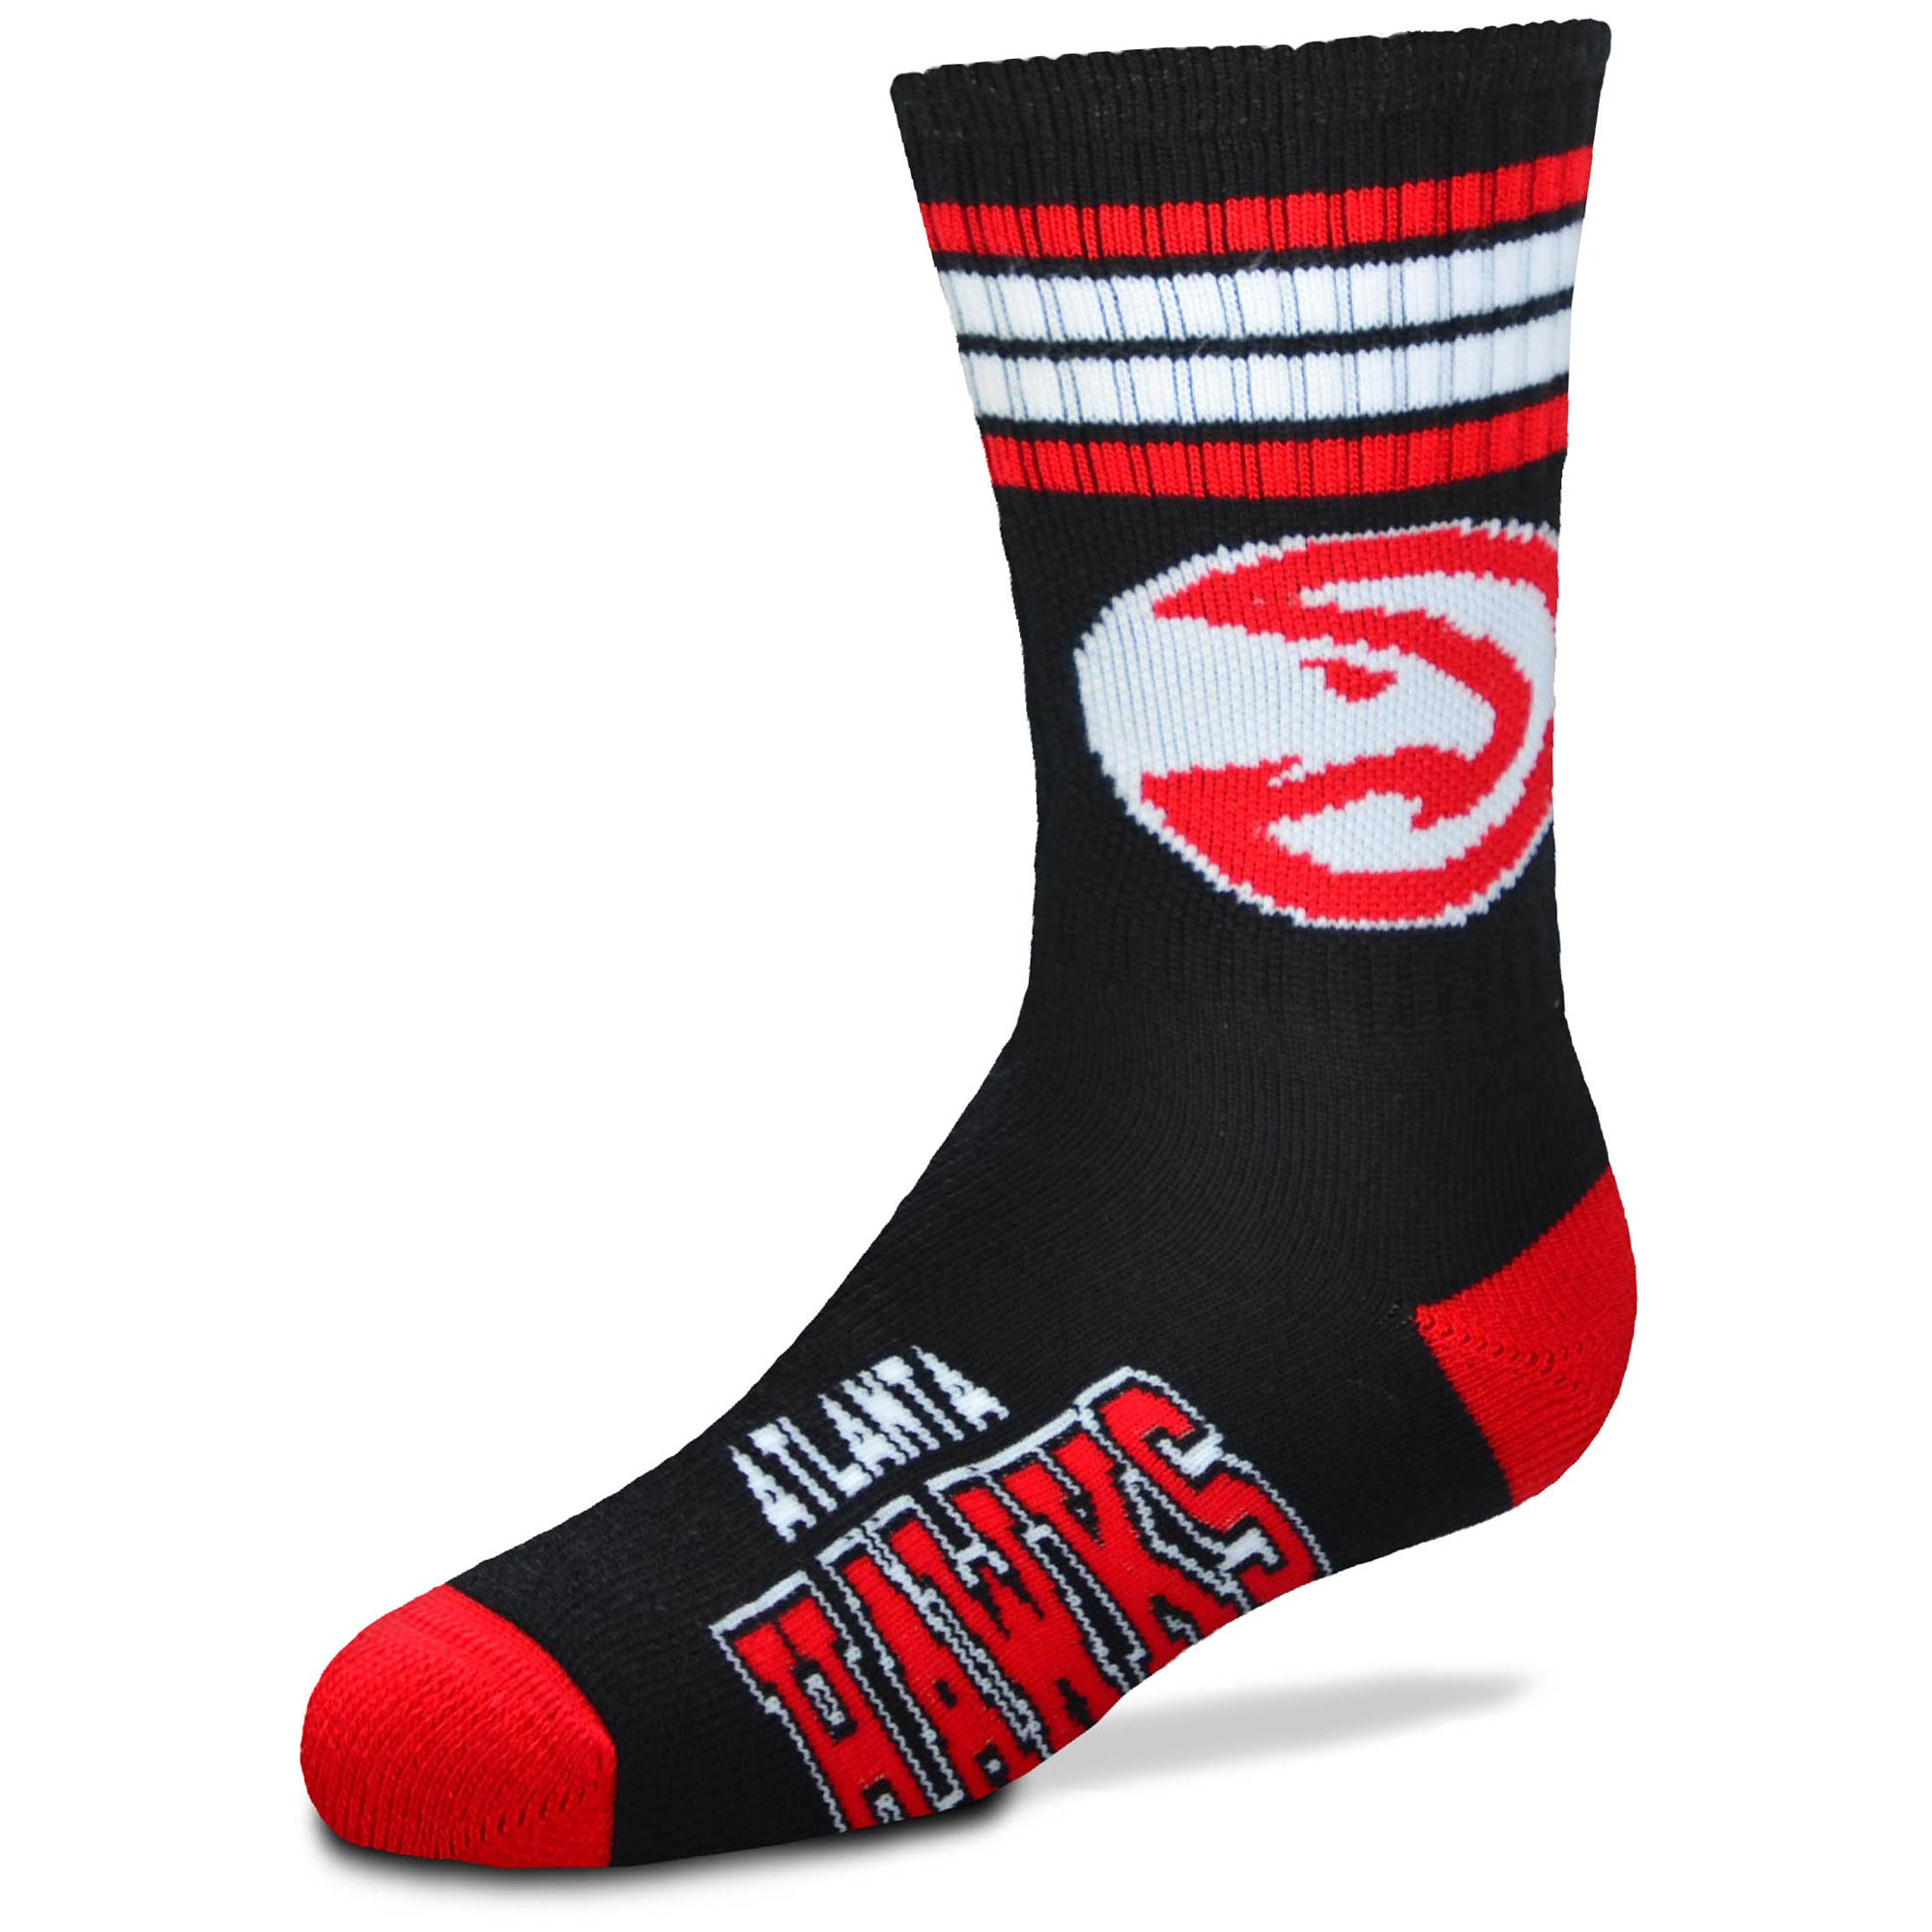 Atlanta Hawks For Bare Feet Youth 4-Stripe Deuce Quarter-Length Socks